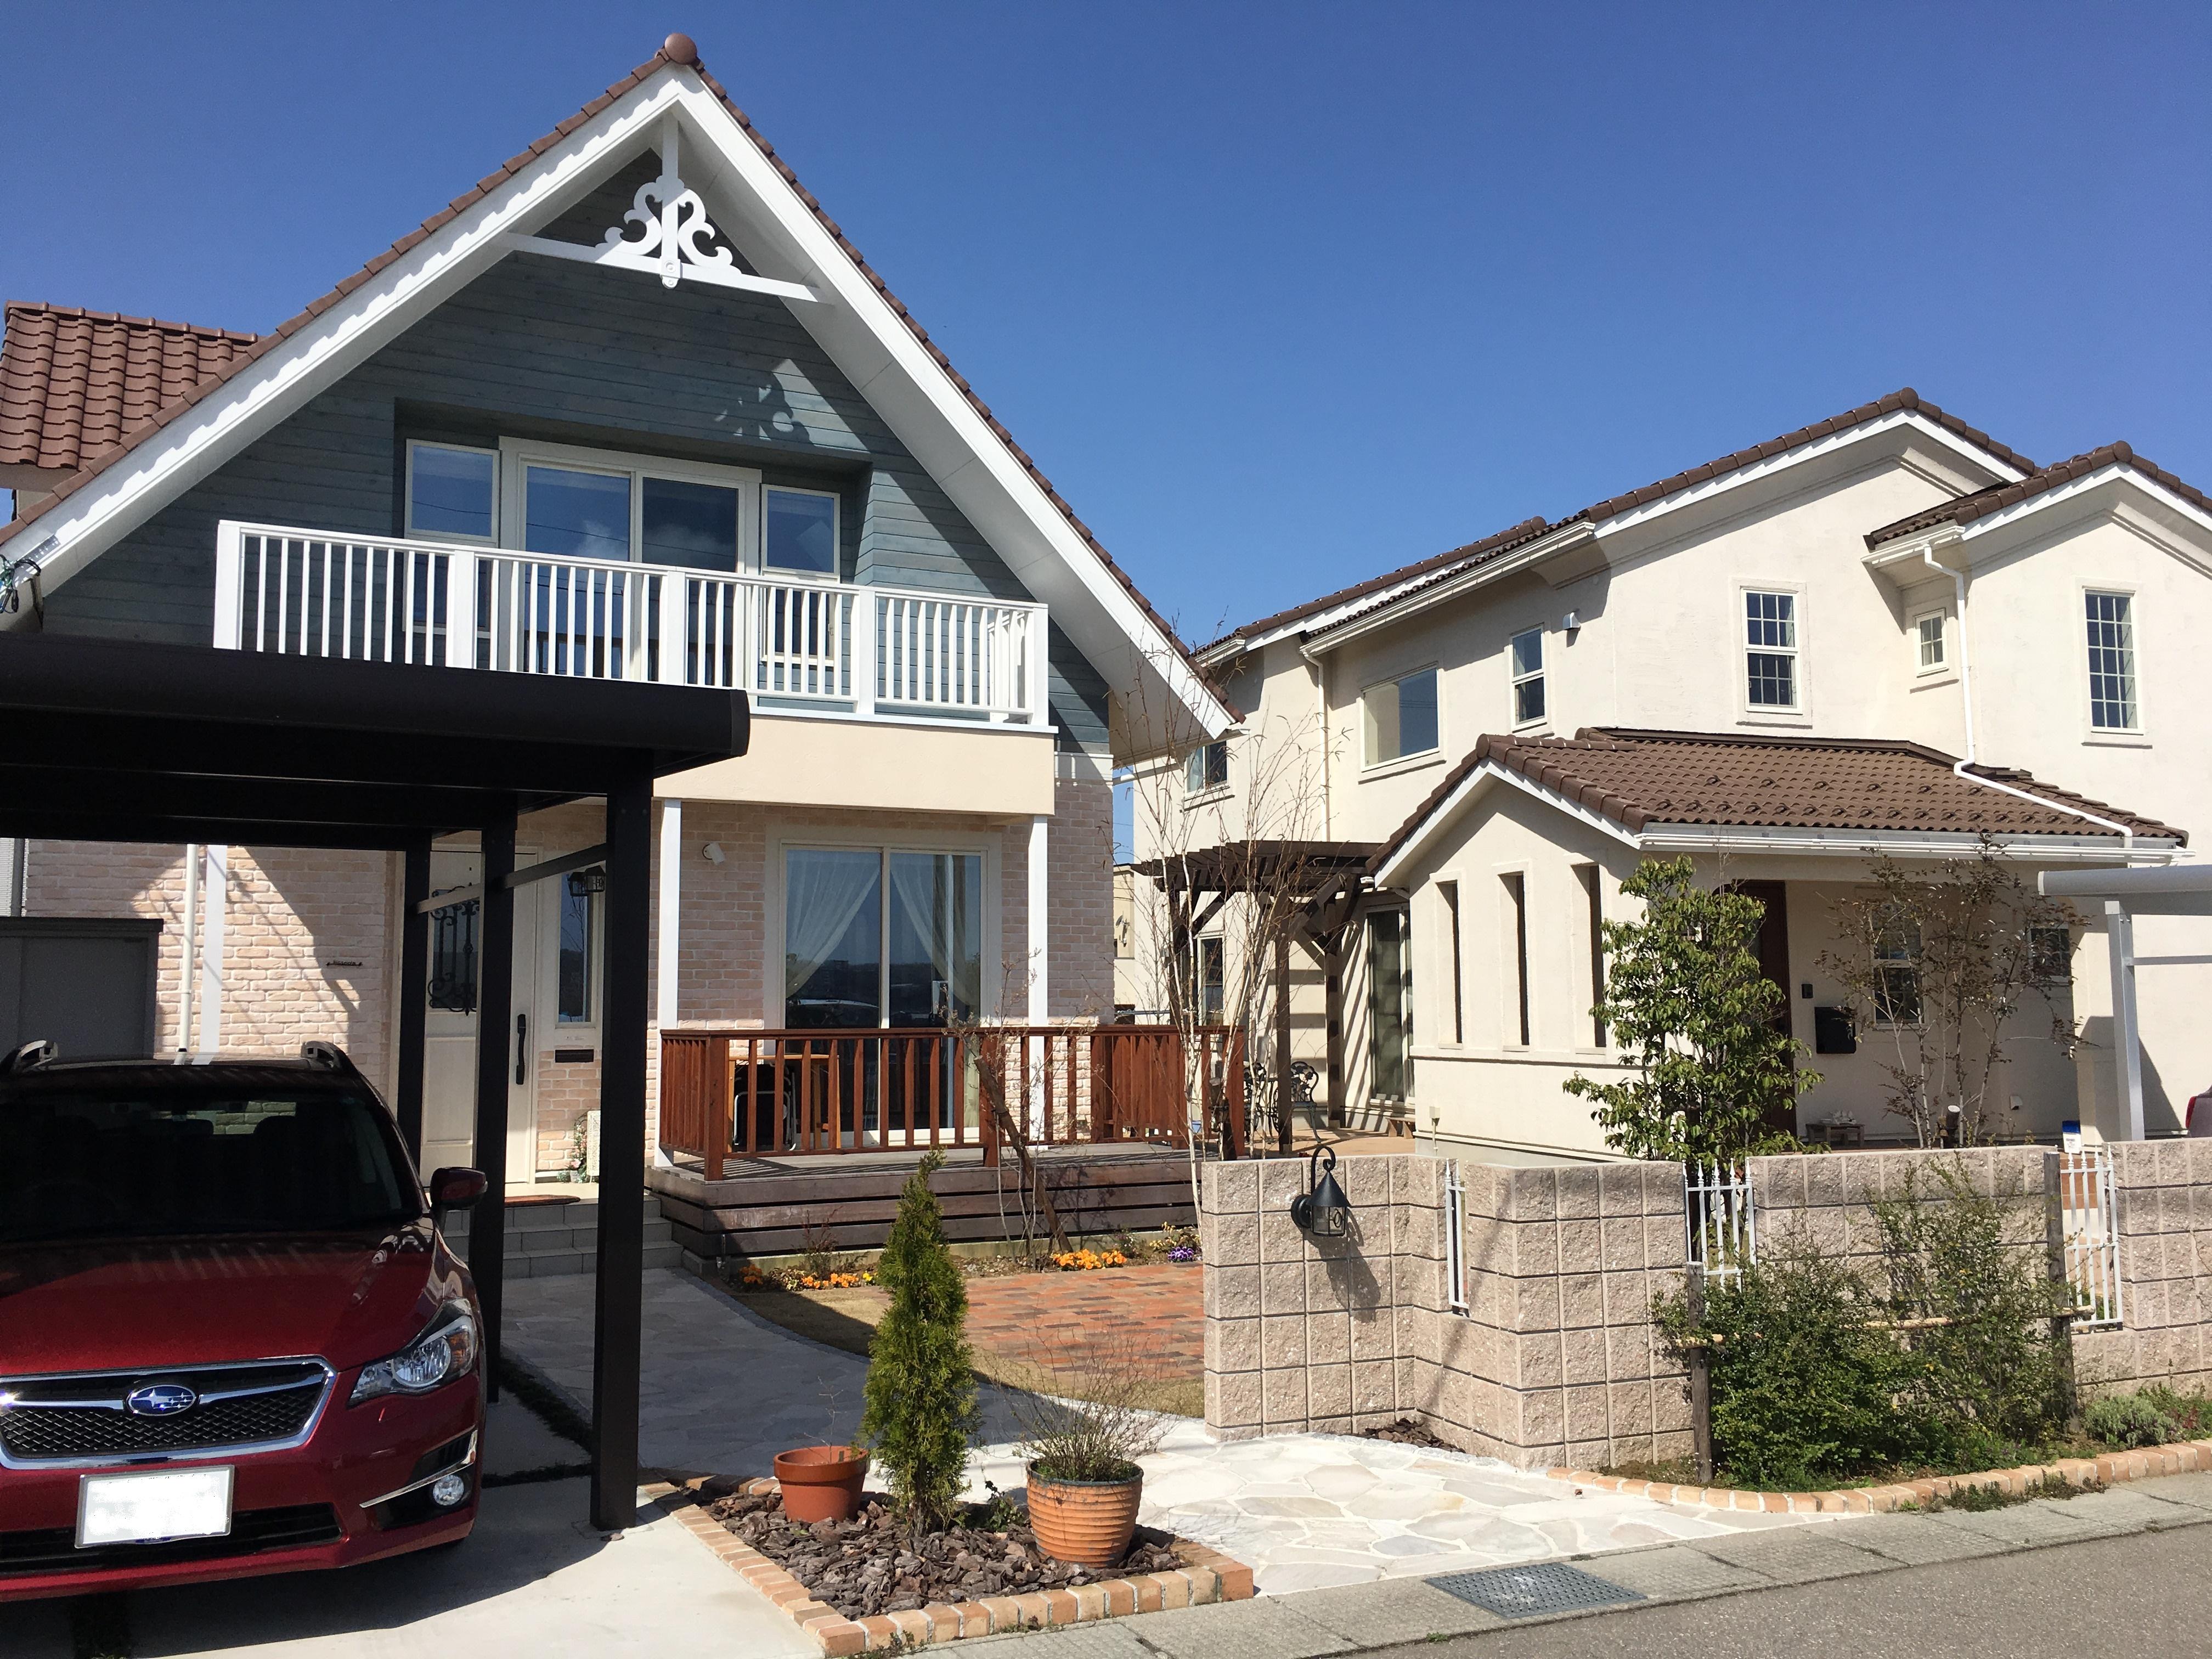 施工事例過去|プライベート中庭が広がる家|石川県金沢市の注文住宅・デザイン性・新築の家・戸建て|E-HOUSE